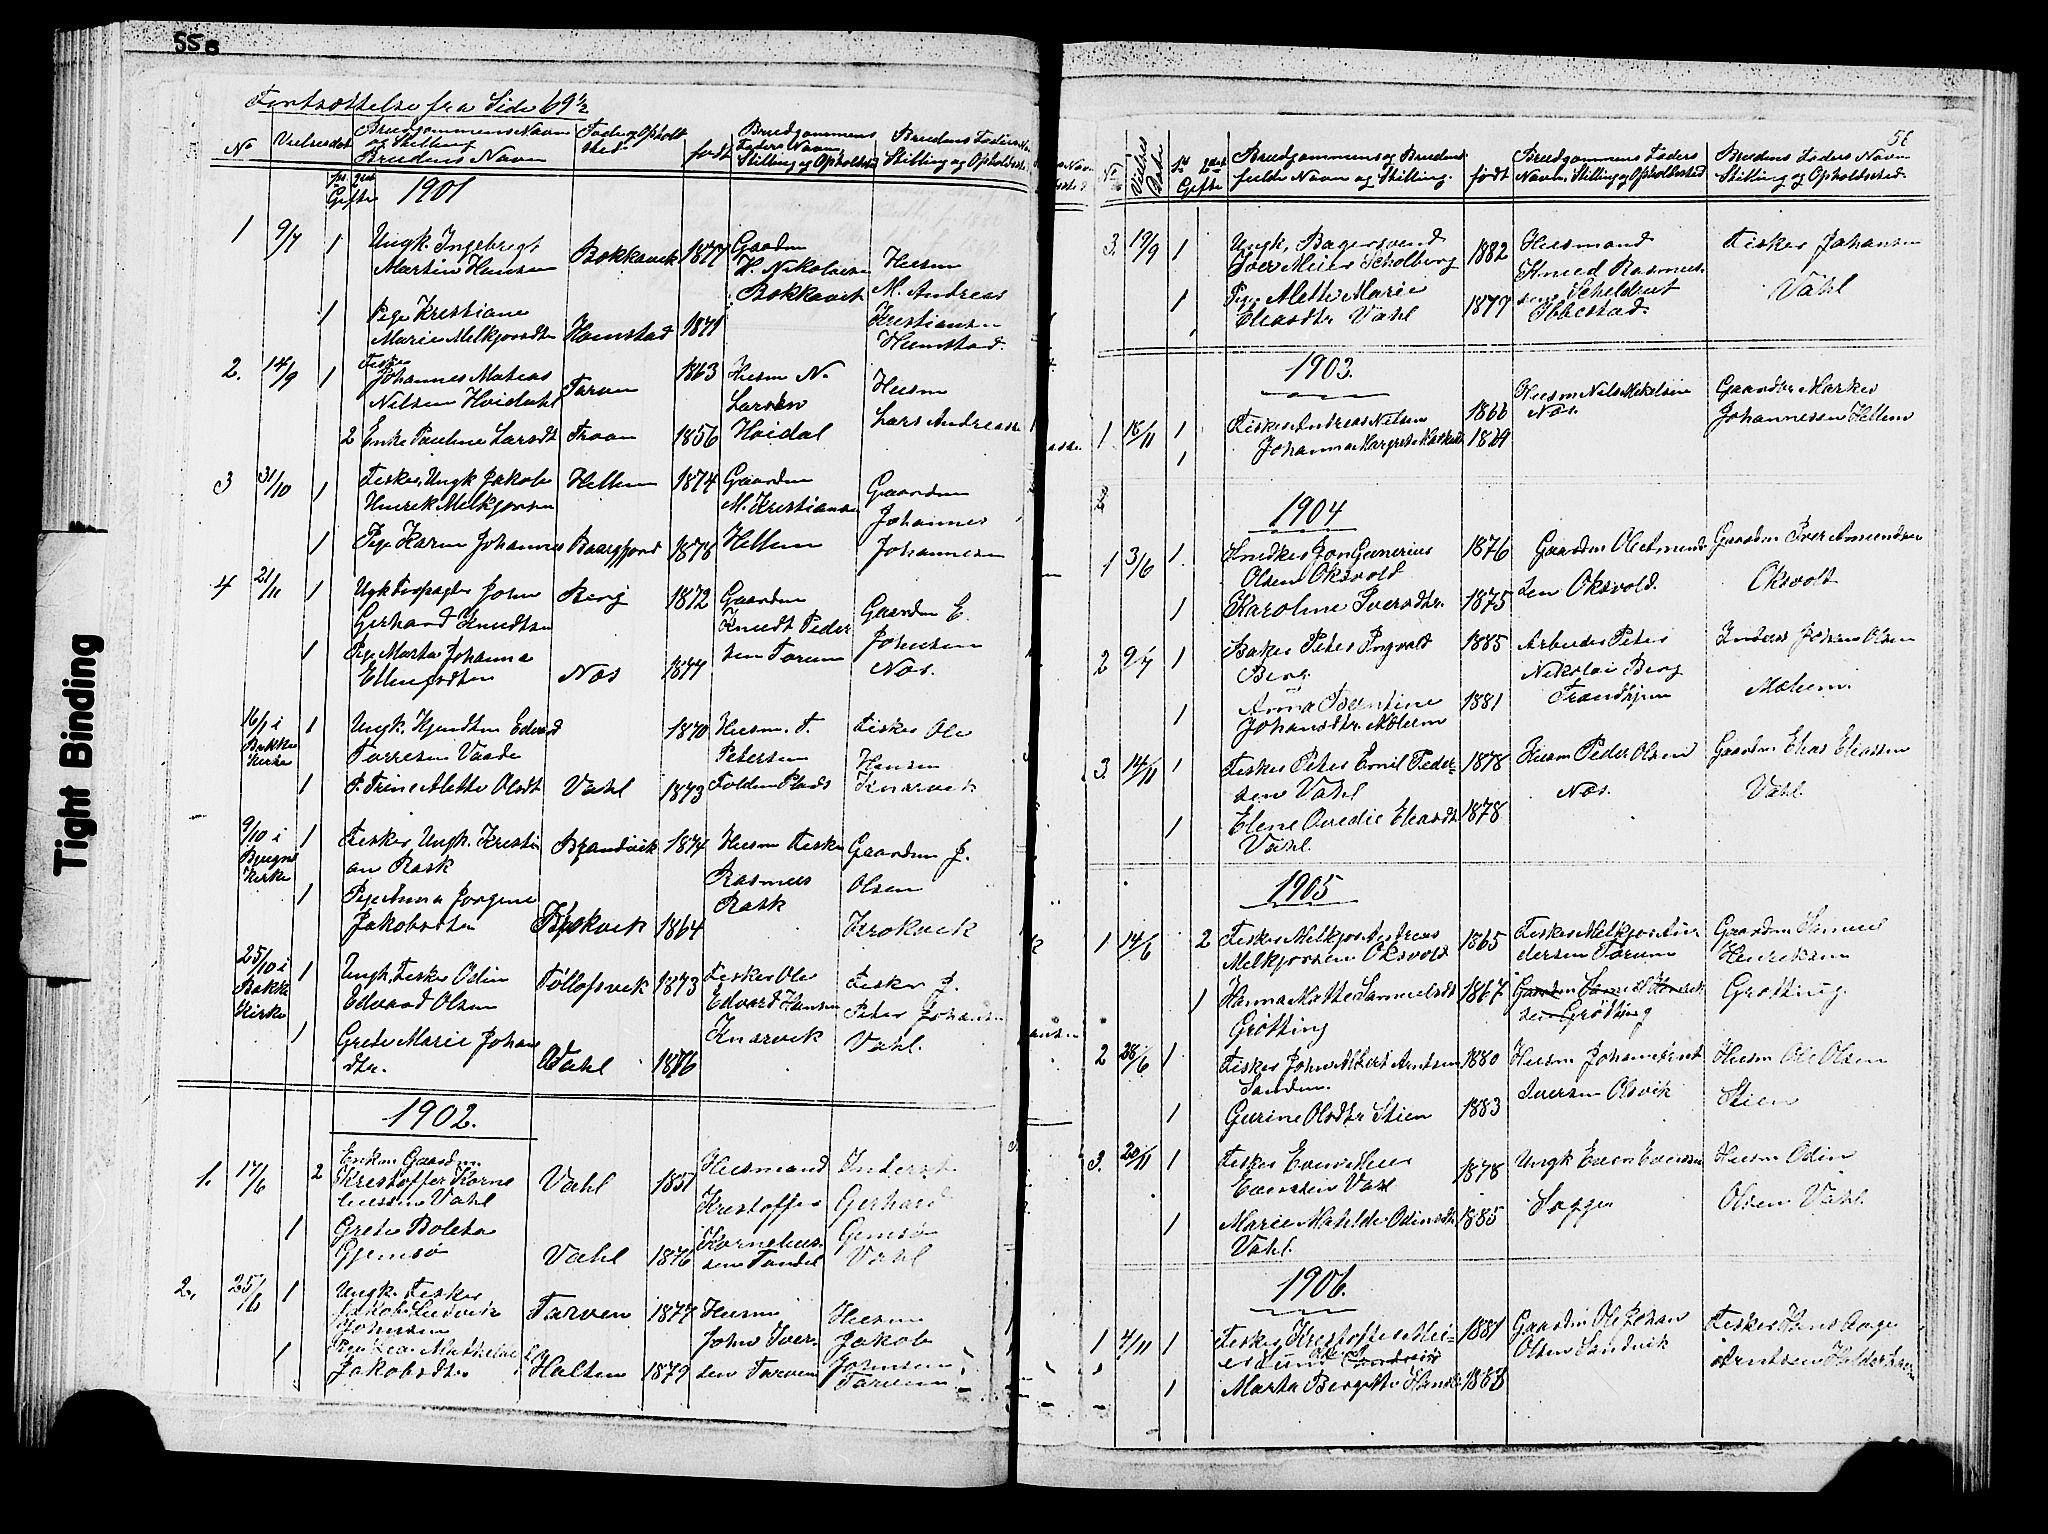 SAT, Ministerialprotokoller, klokkerbøker og fødselsregistre - Sør-Trøndelag, 652/L0653: Klokkerbok nr. 652C01, 1866-1910, s. 56